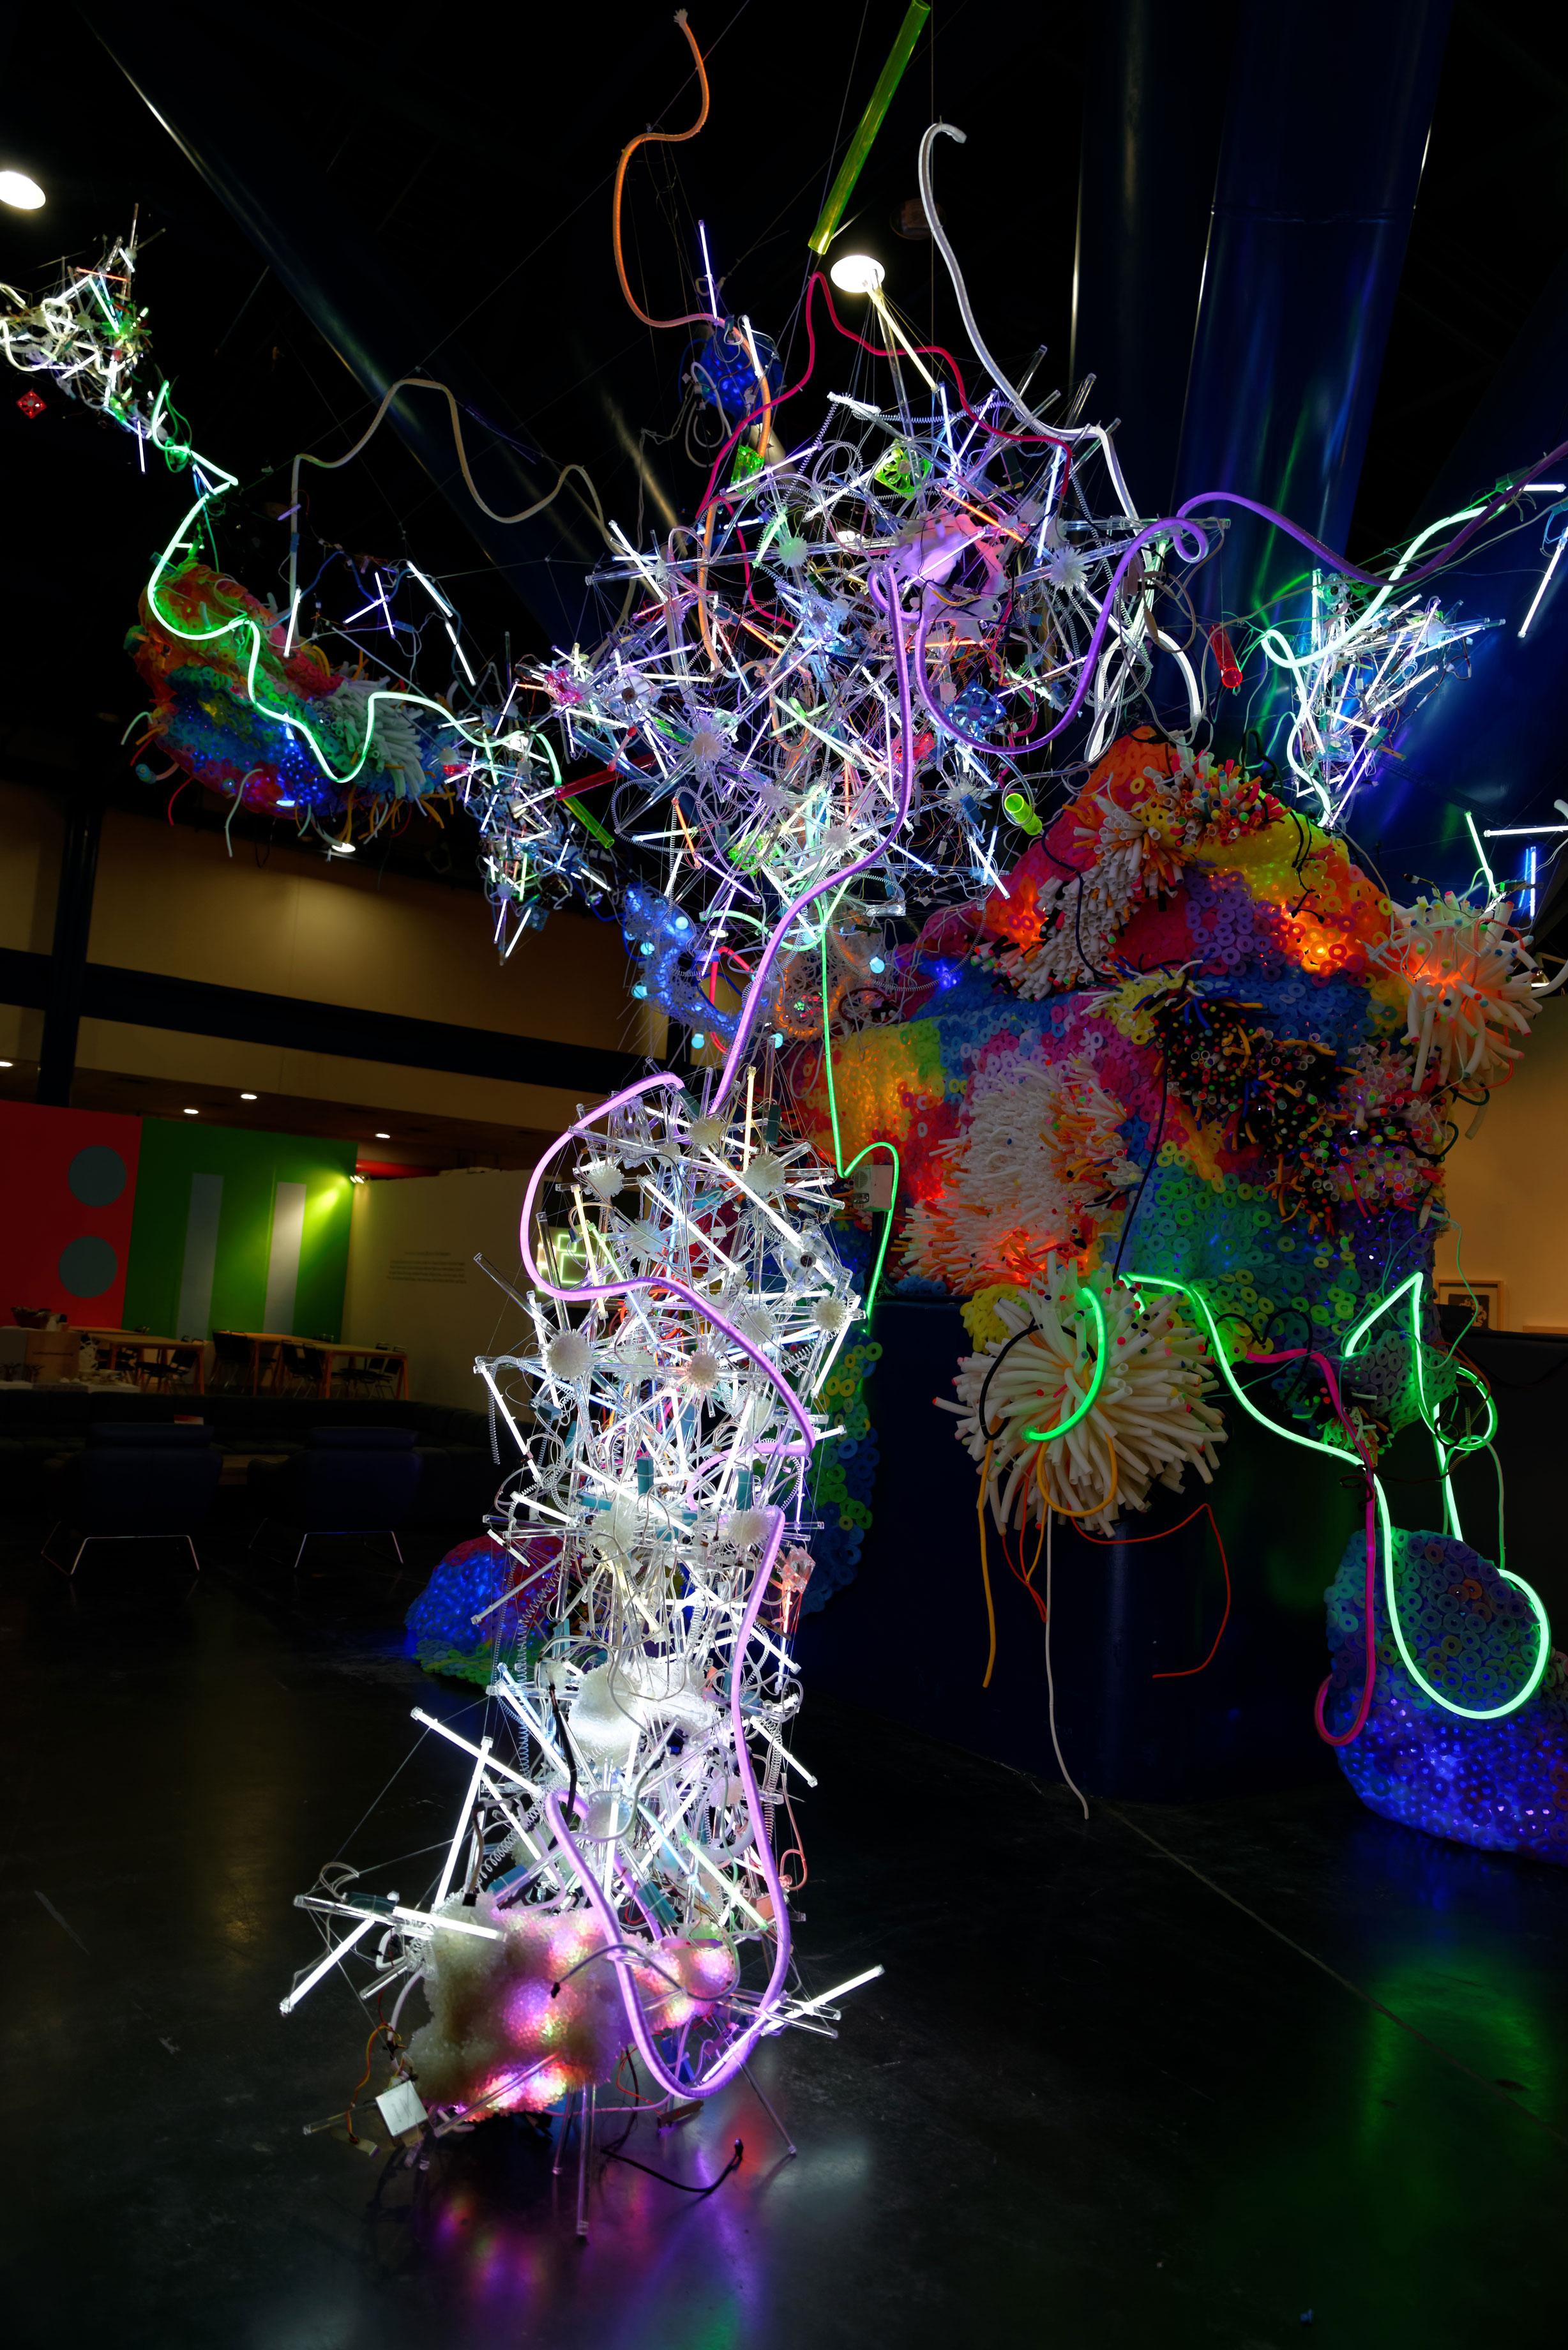 Adela Andea, Primordial Garden Flex Neon, CCF Licht, Plexiglas, Schaumstoff, Ausstellungsansicht, George Brown Convention Center, Houston, TX, USA, 2014 © Adela Andea